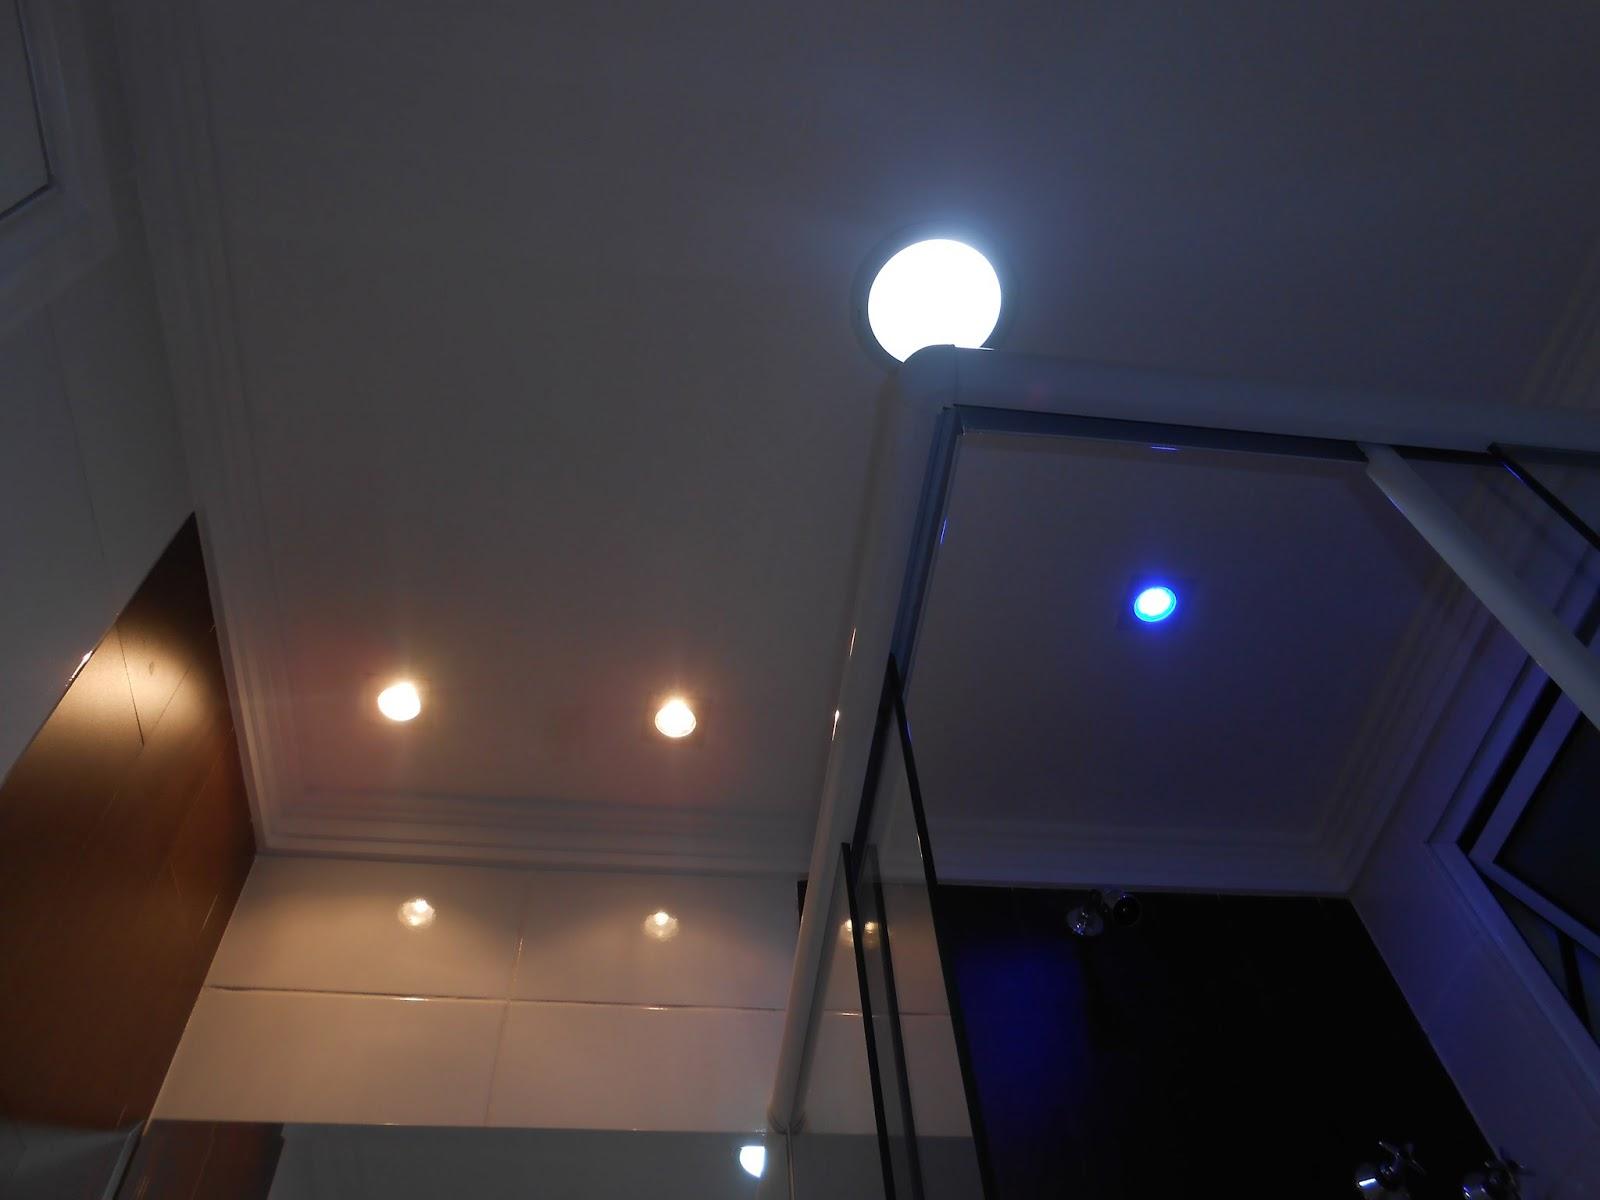 box a luz de led azul: ótimo para um banho relaxante no final do dia #A66925 1600x1200 Banheiro Com Luz Azul